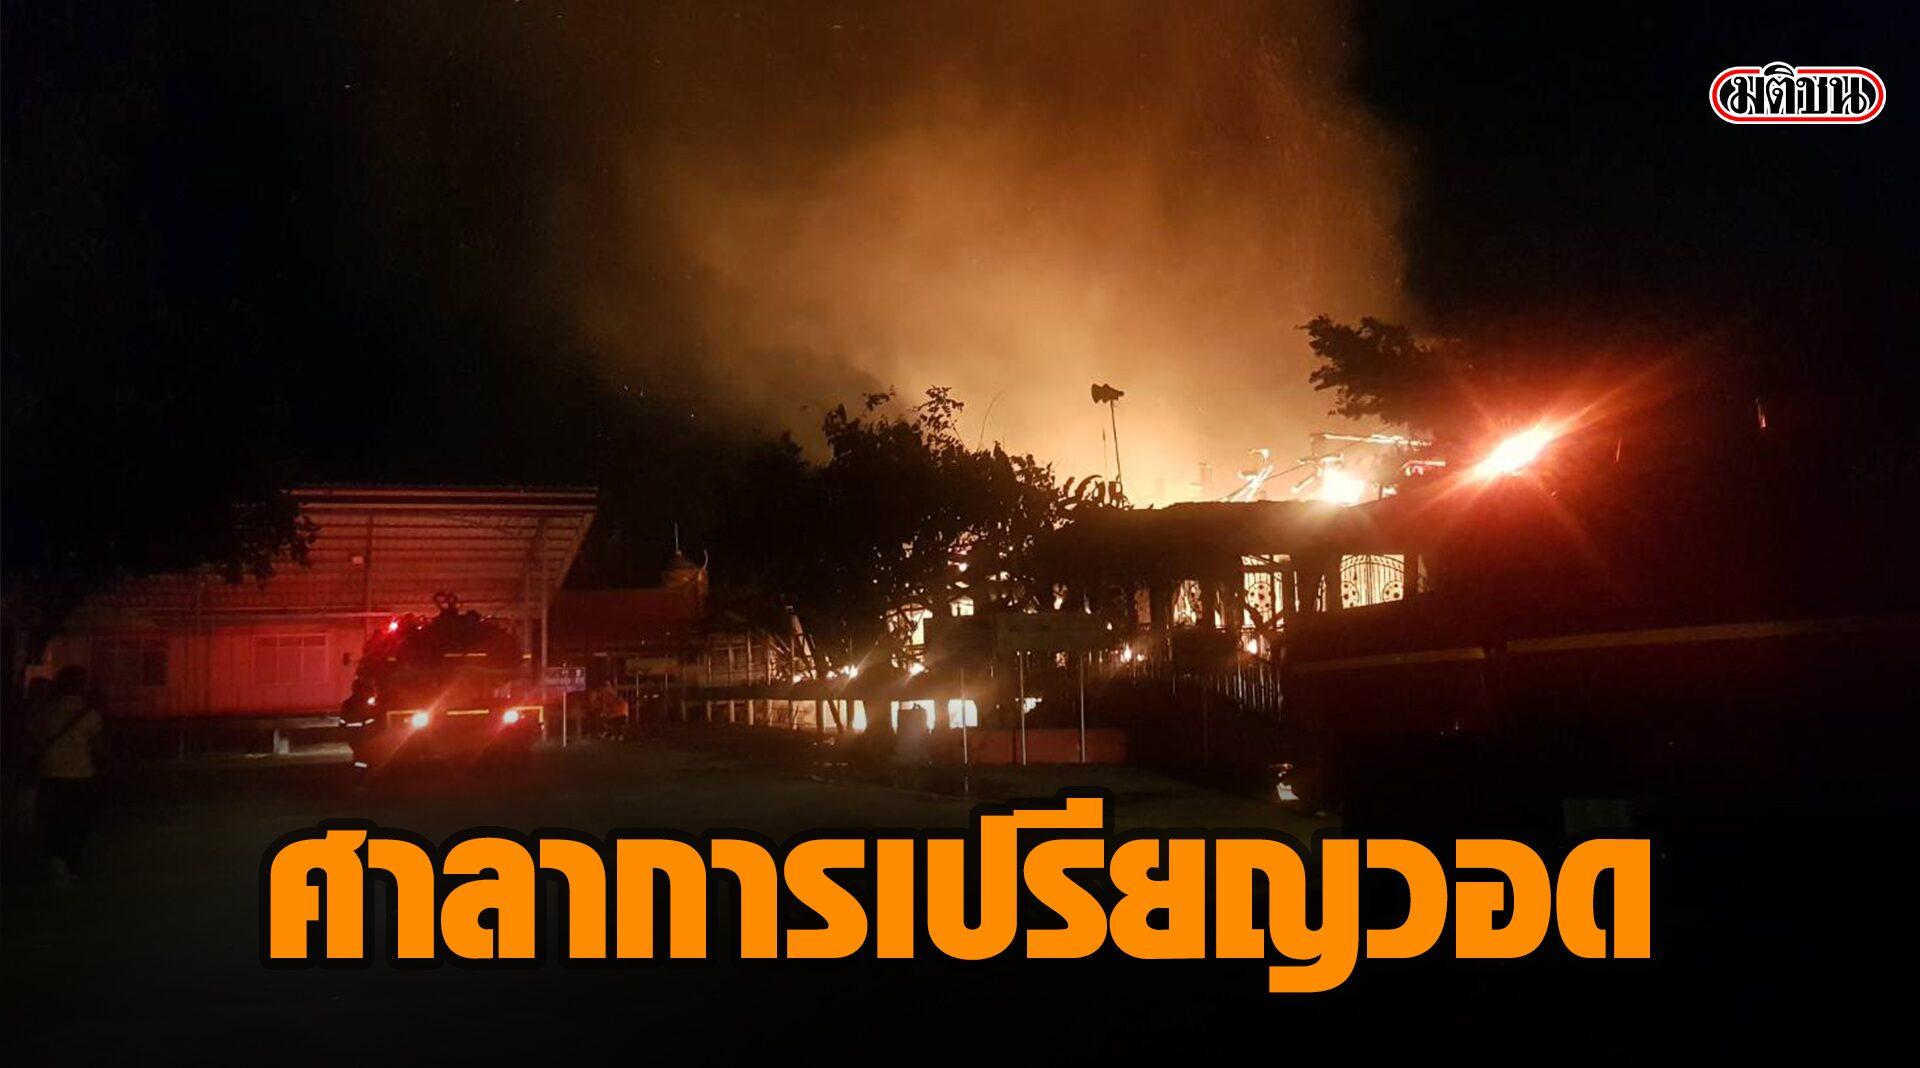 เพลิงไหม้ศาลาการเปรียญไม้สักอายุกว่า 100 ปี ตร.เร่งสืบสวนหาสาเหตุ